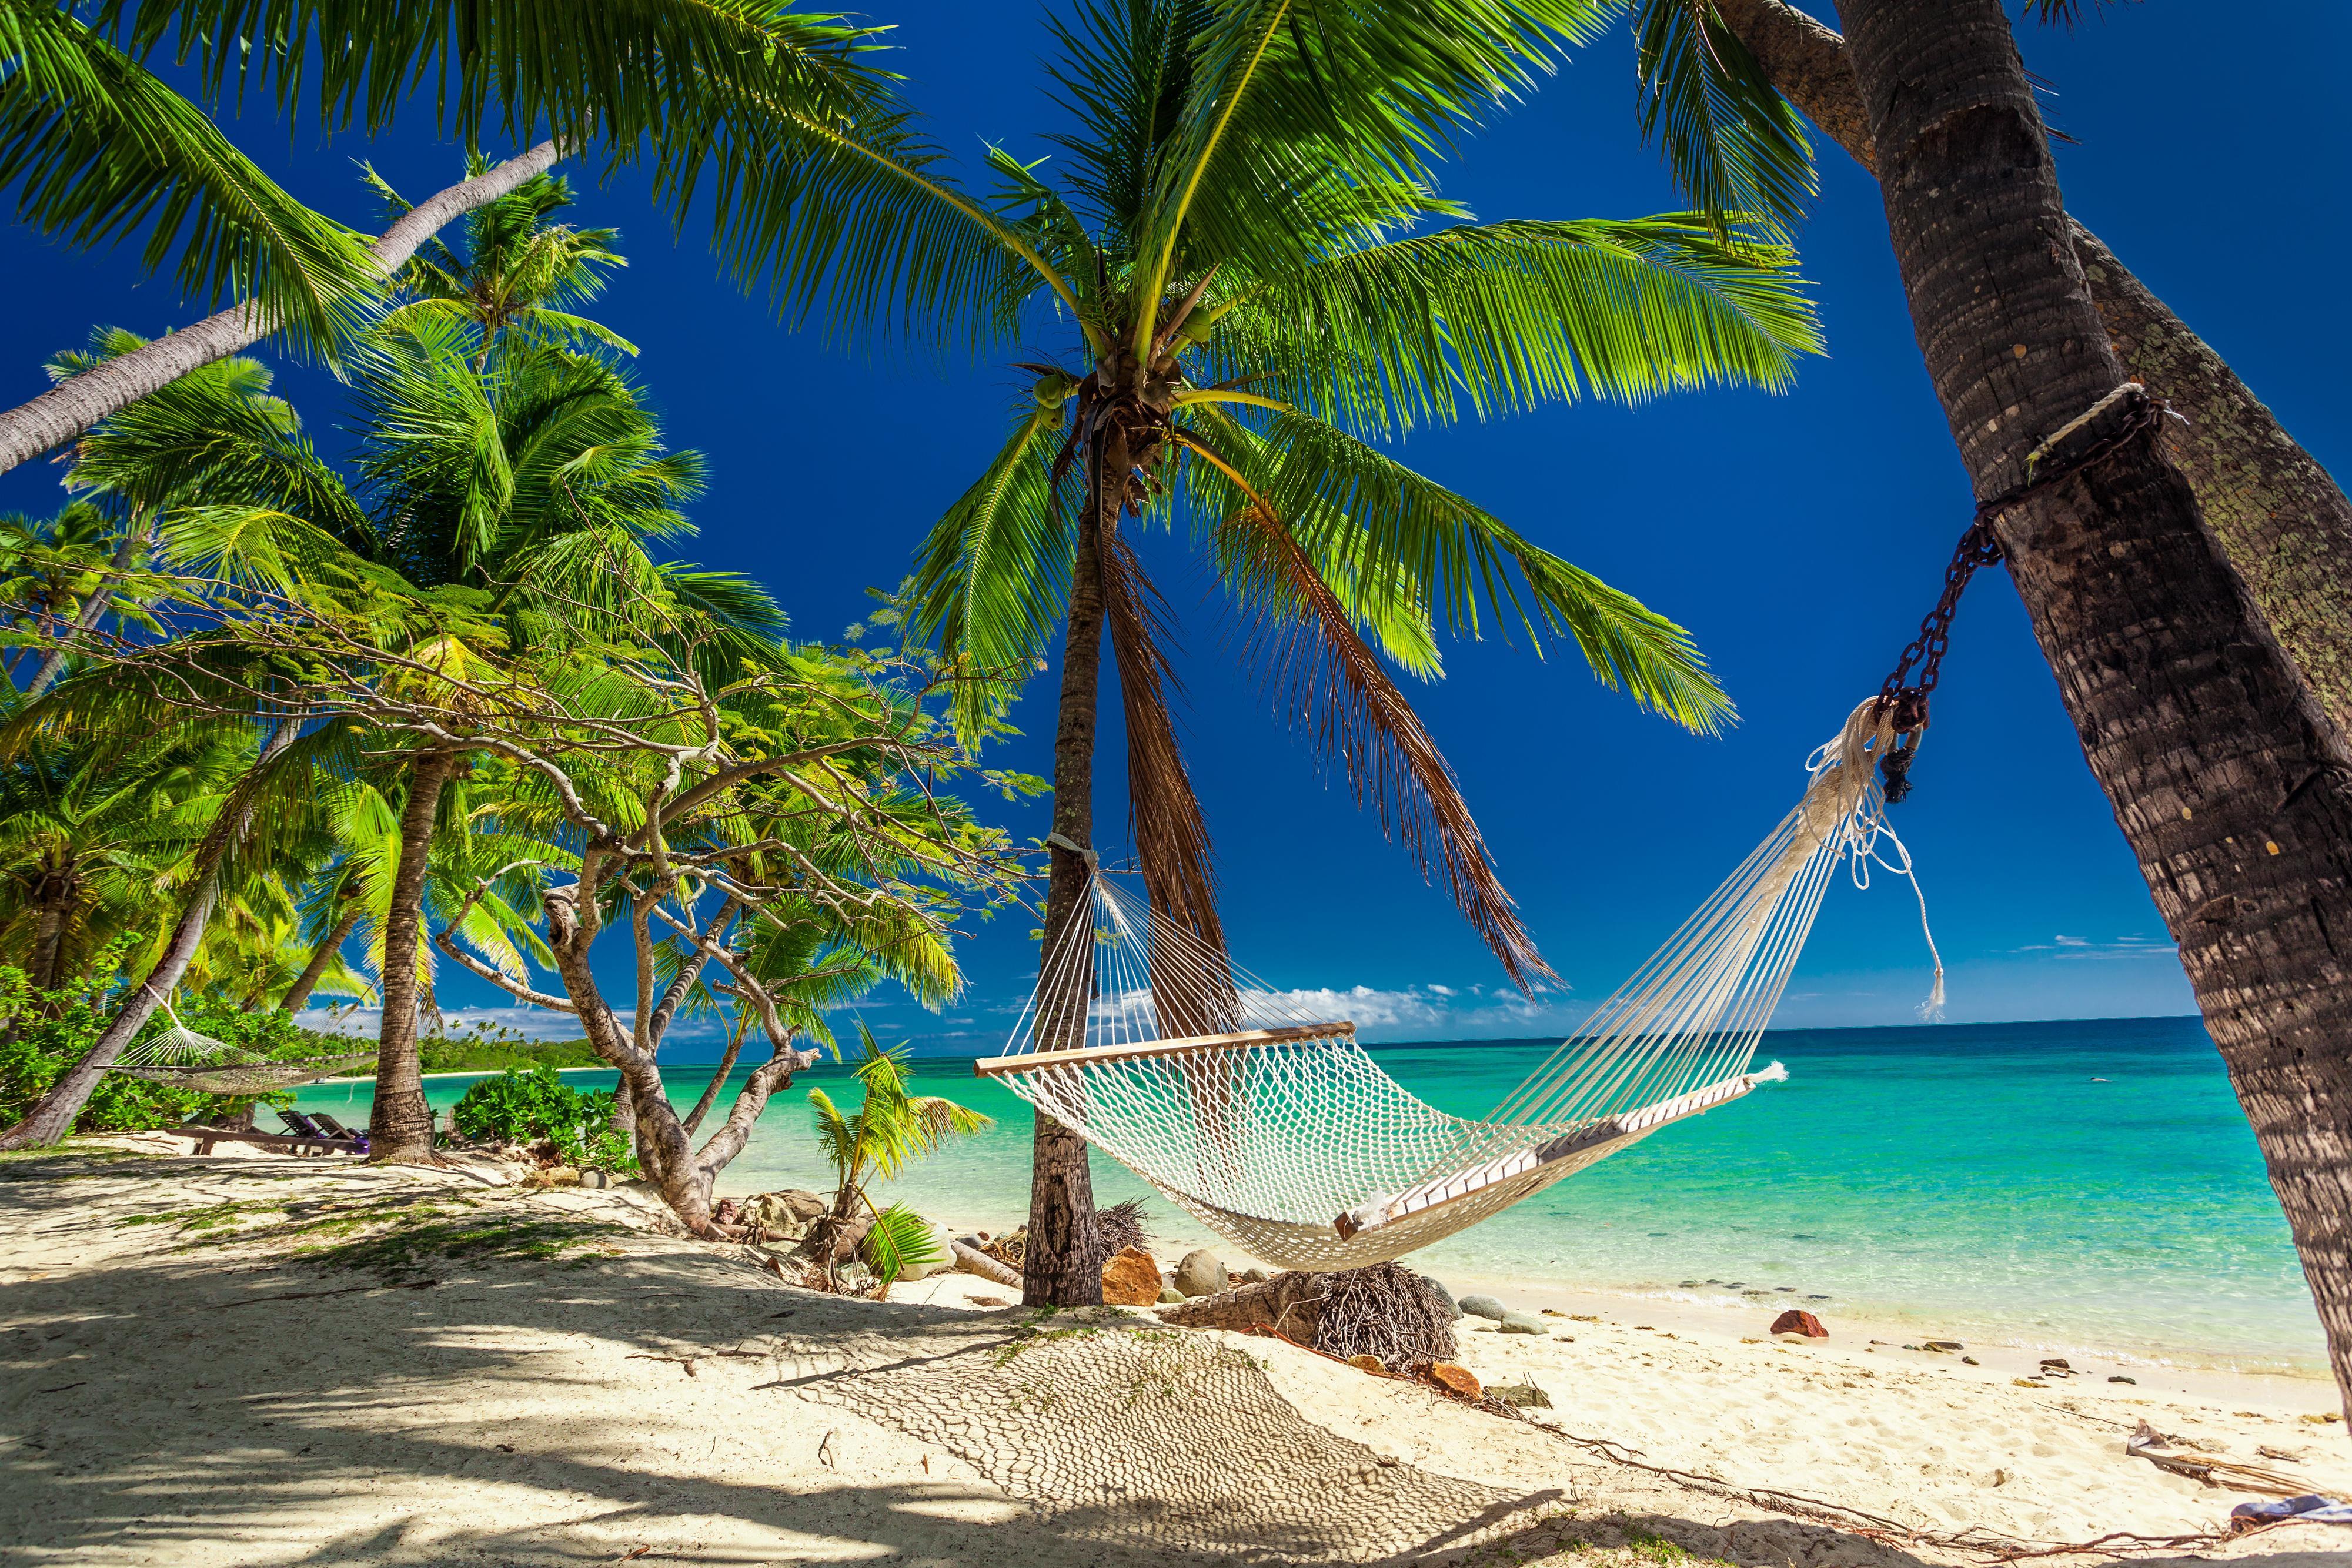 Фото гамак пальмы пляж - бесплатные картинки на Fonwall